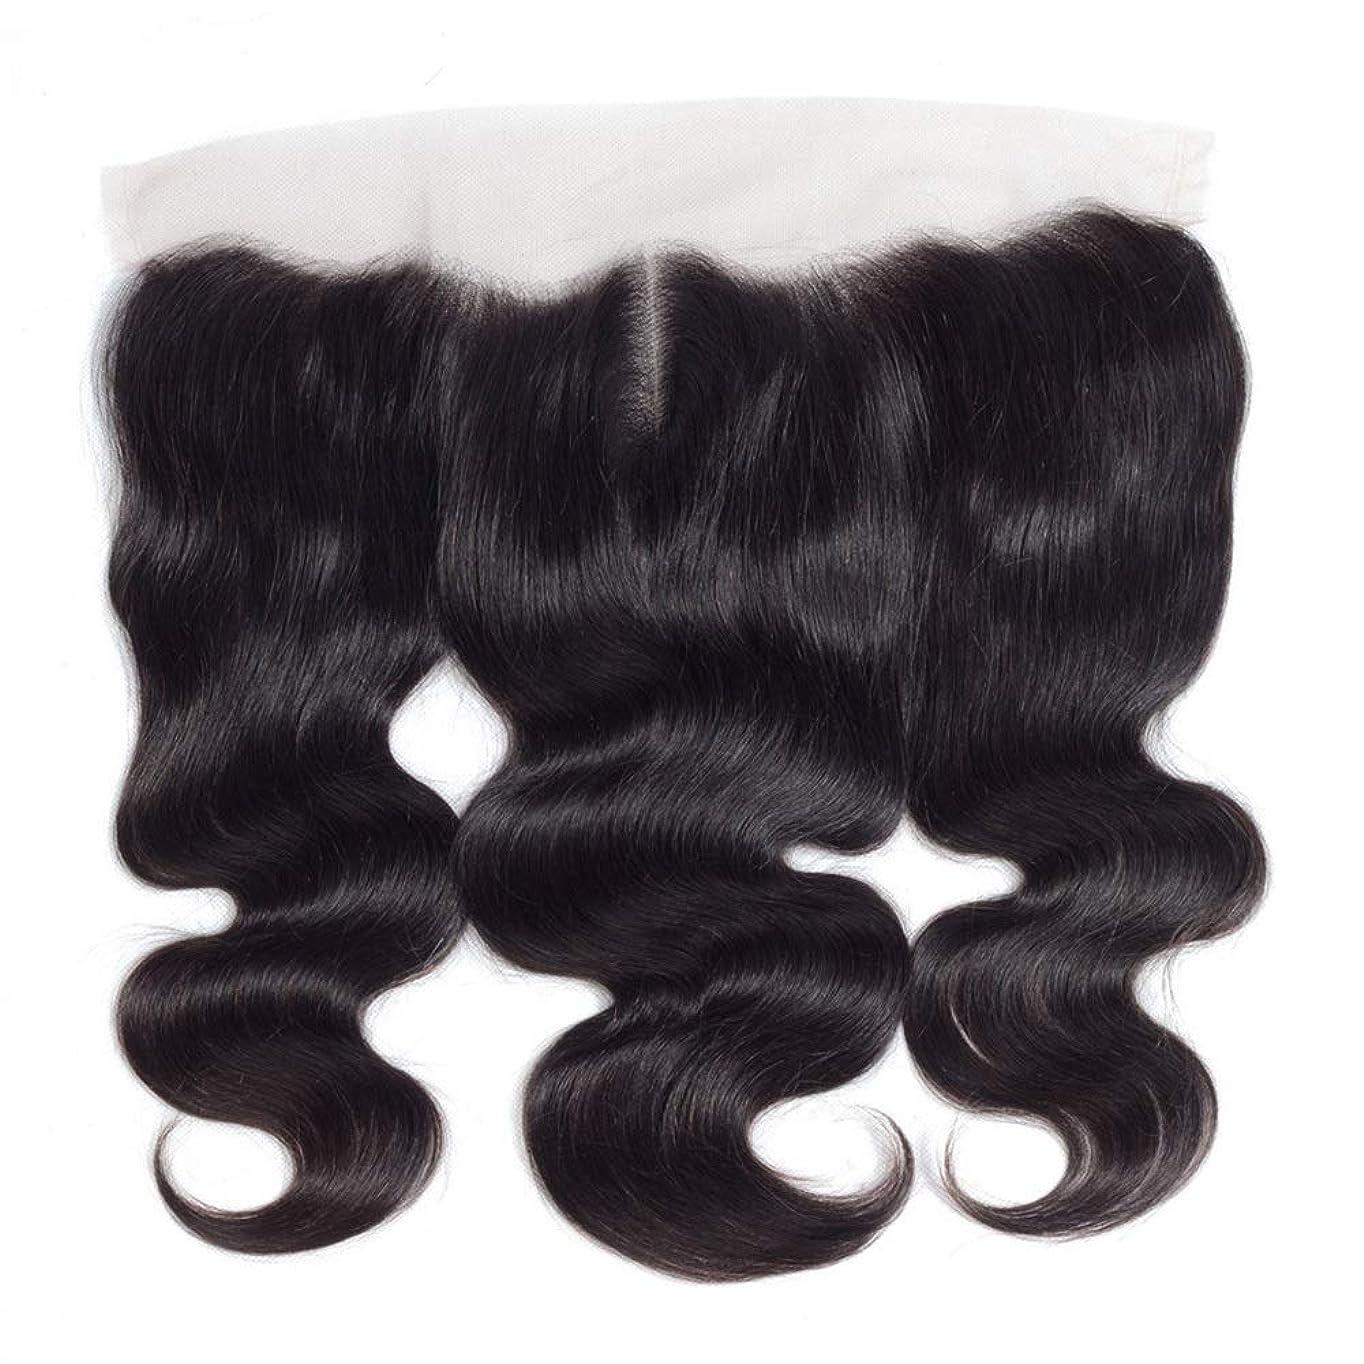 お父さんプレゼント軽量BOBIDYEE 13 * 4レース前頭閉鎖人間の髪の毛の部分 - ブラジル実体波トップミドル別れ長い巻き毛のかつら (色 : 黒, サイズ : 18 inch)